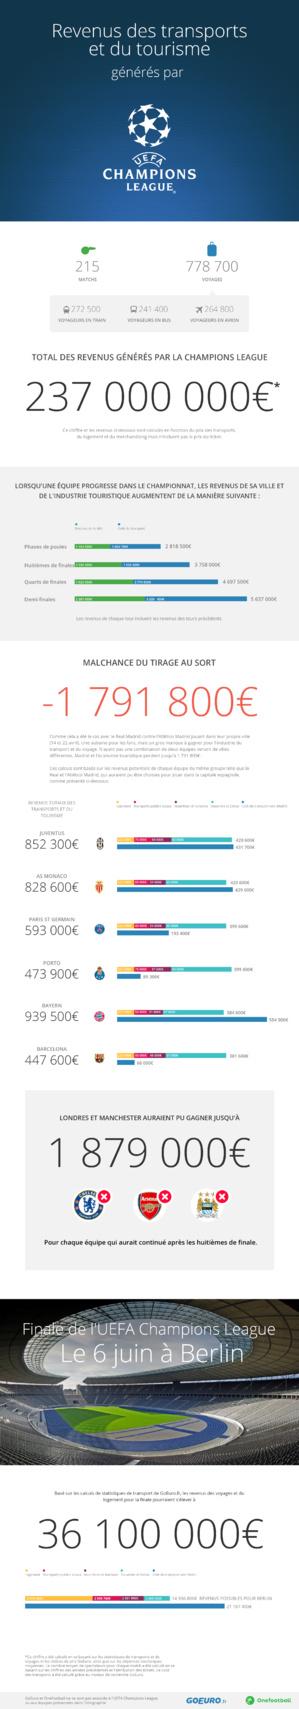 Ligue des Champions : 237 millions d'euros de revenus… pour le tourisme